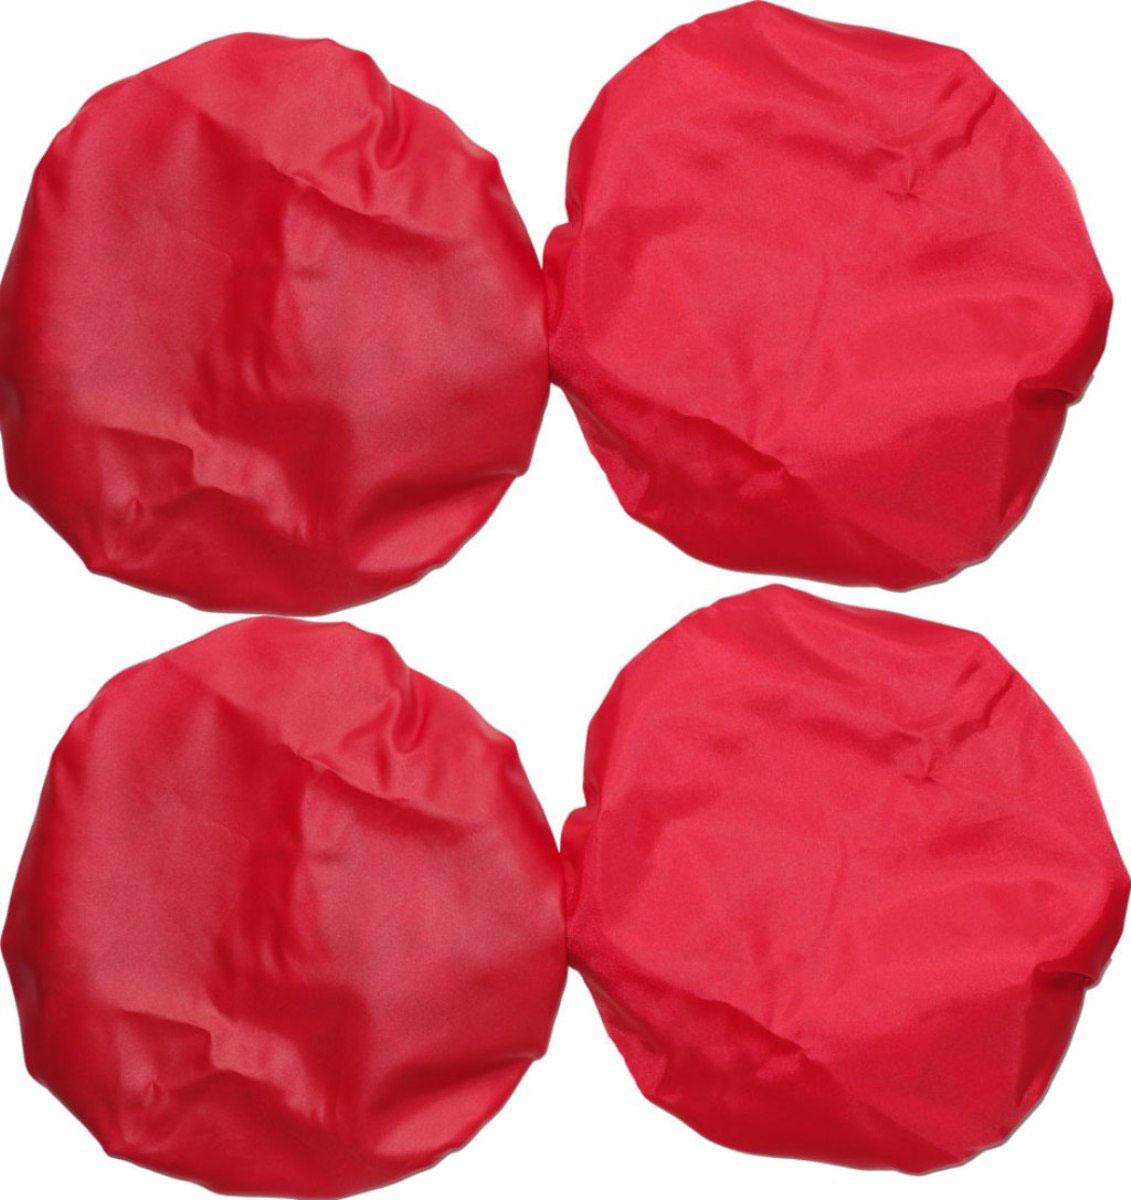 Чудо-Чадо Чехлы на колеса для коляски диаметр 28-38 см цвет красный 4 шт -  Аксессуары для колясок